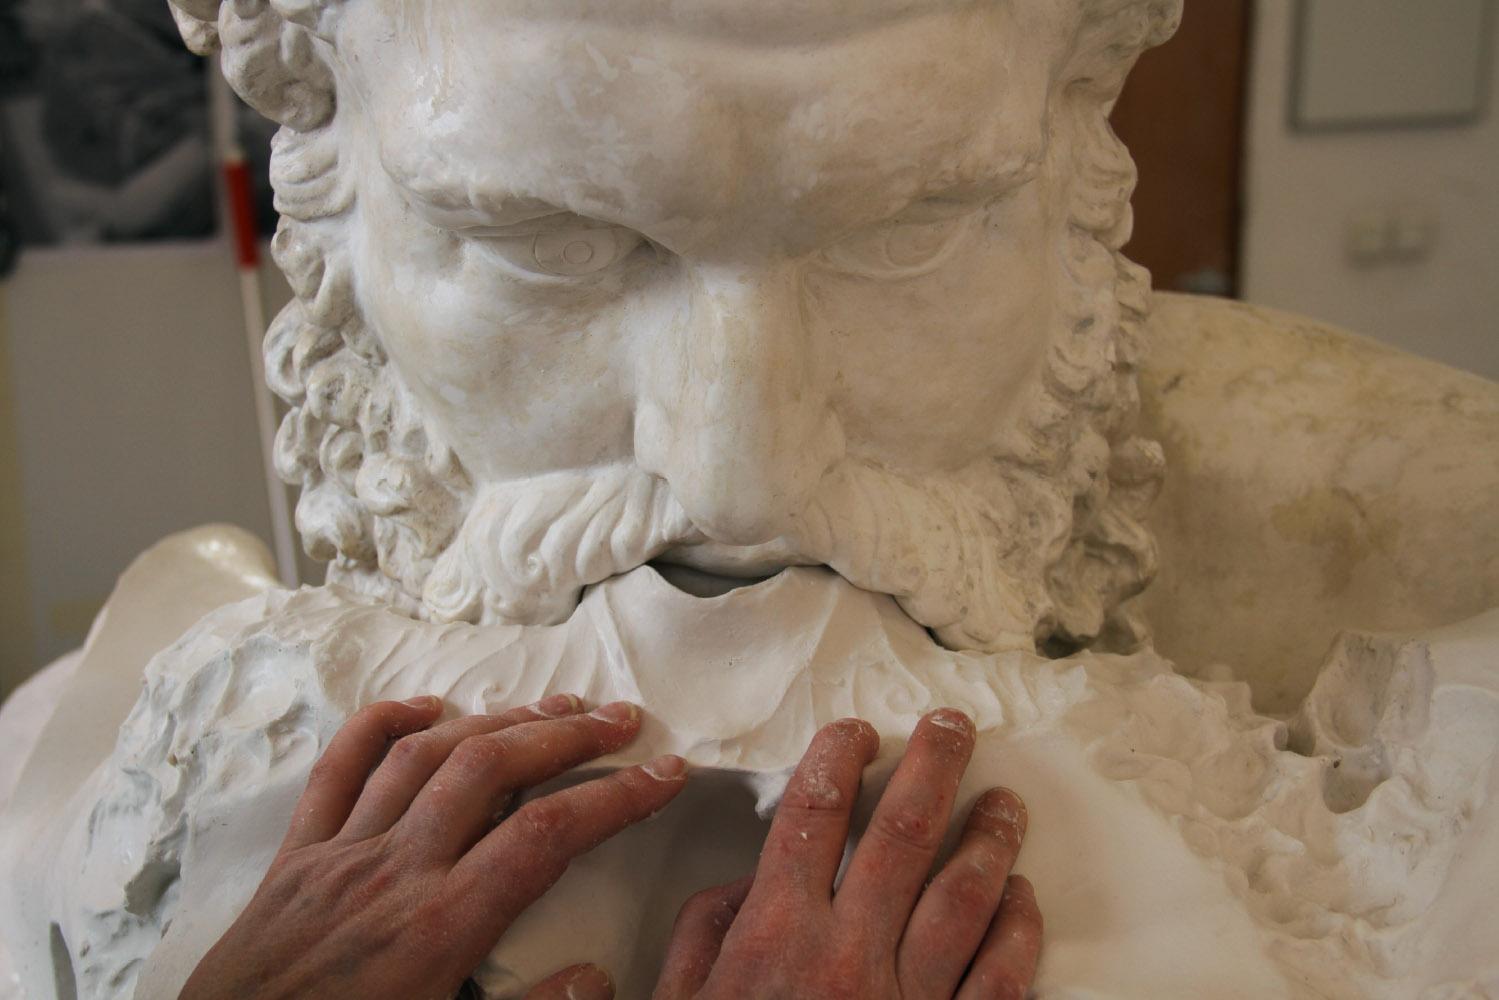 Sculptures et statues de grande taille pour la décoration d'intérieur - Idées déco d'art - Élastomère silicone pour la réalisation de l'Hercule Farnèse